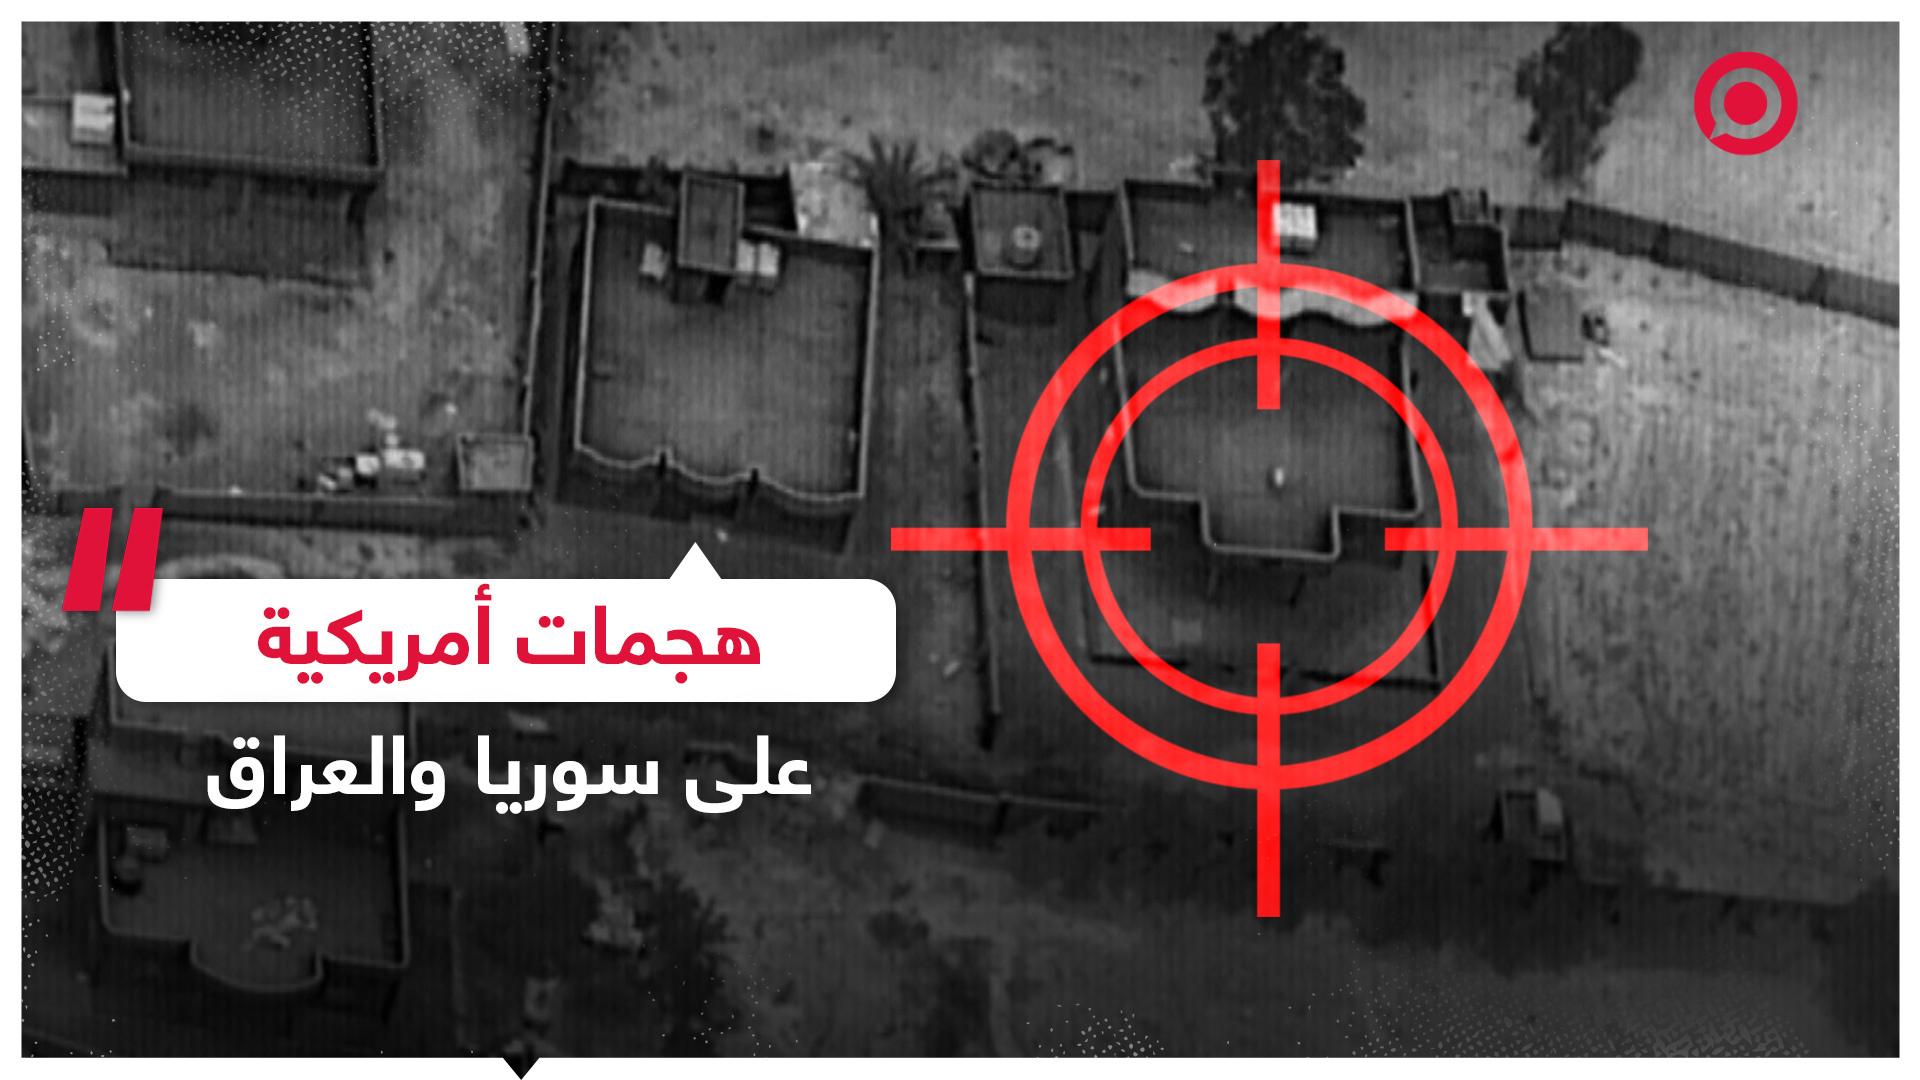 هجمات صاروخية أمريكية على سوريا والعراق